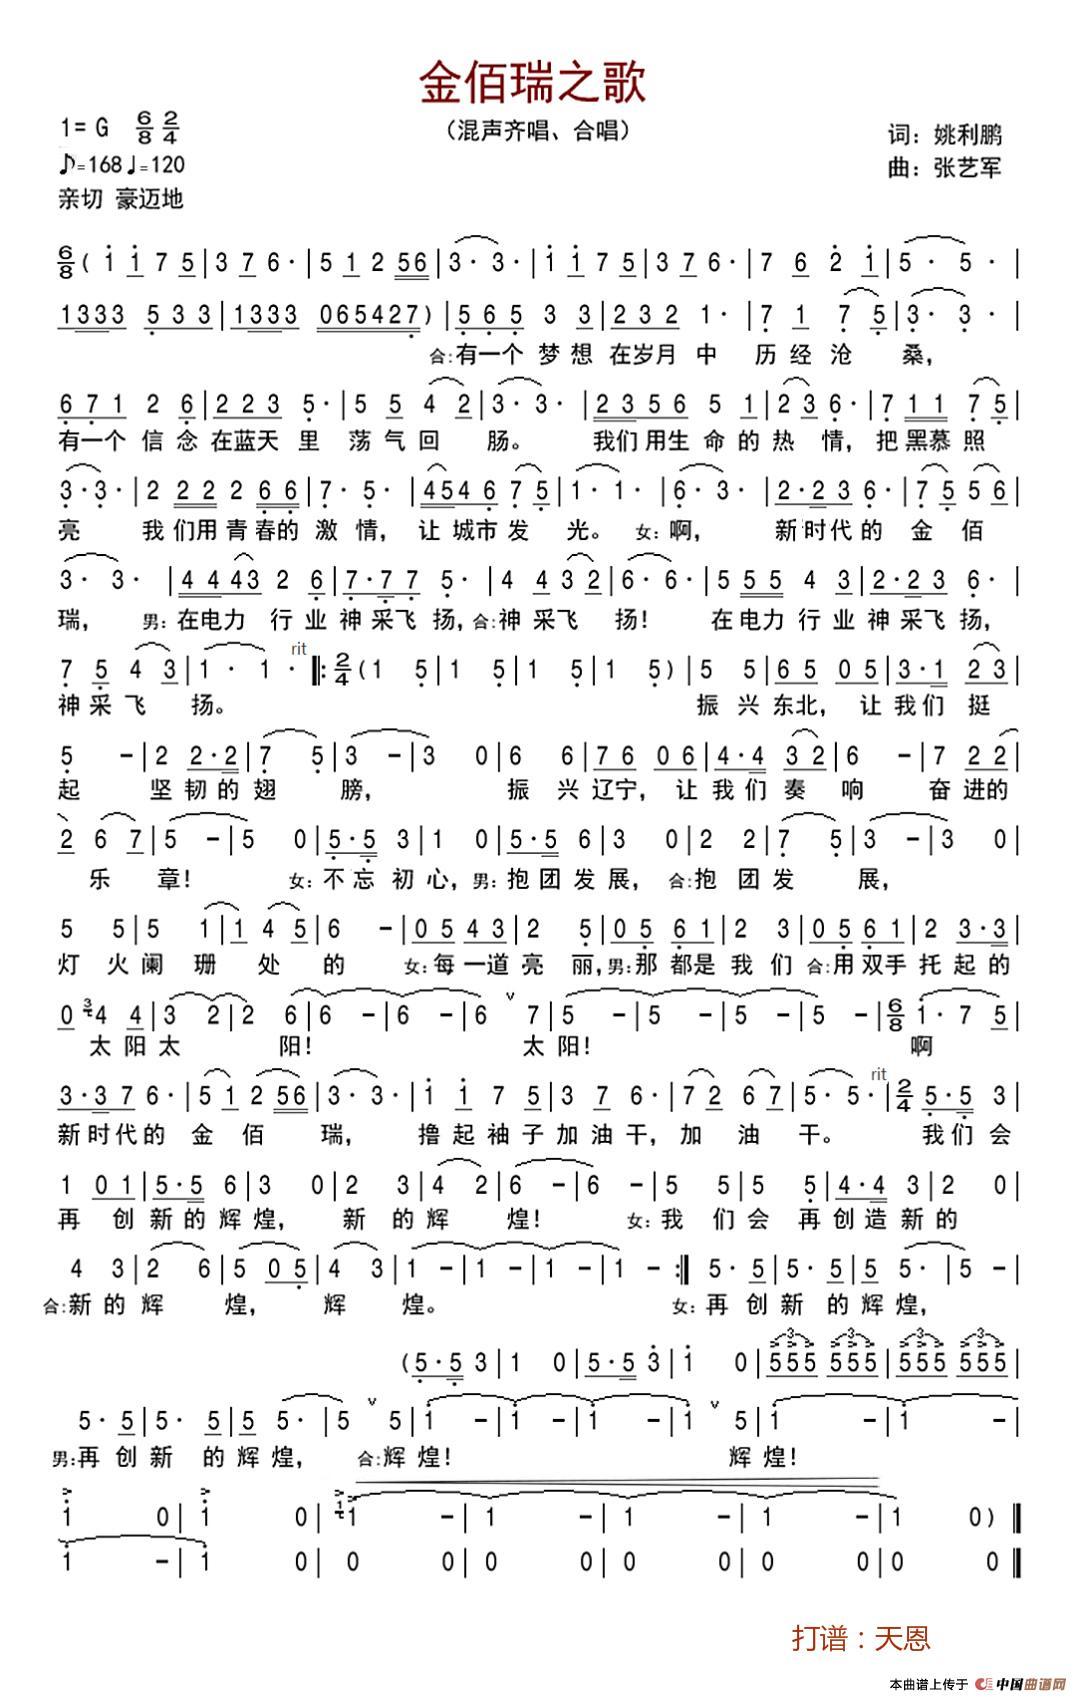 张春发_江苏森瑞谱健康科技有限公司_张春发个人信用... -天眼查